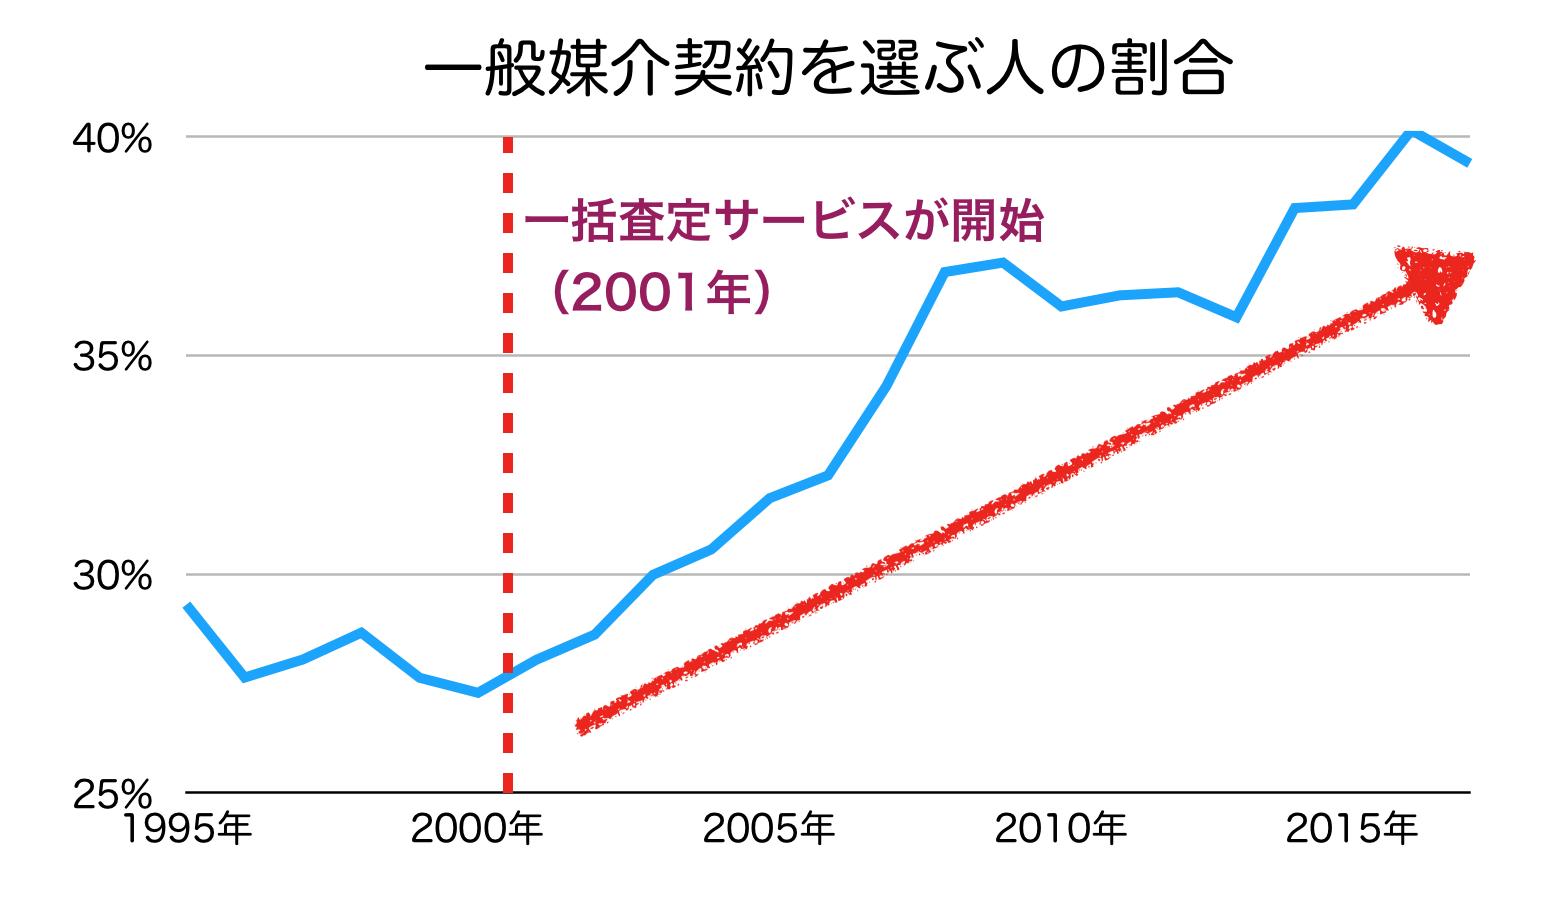 一般媒介契約の比率の推移